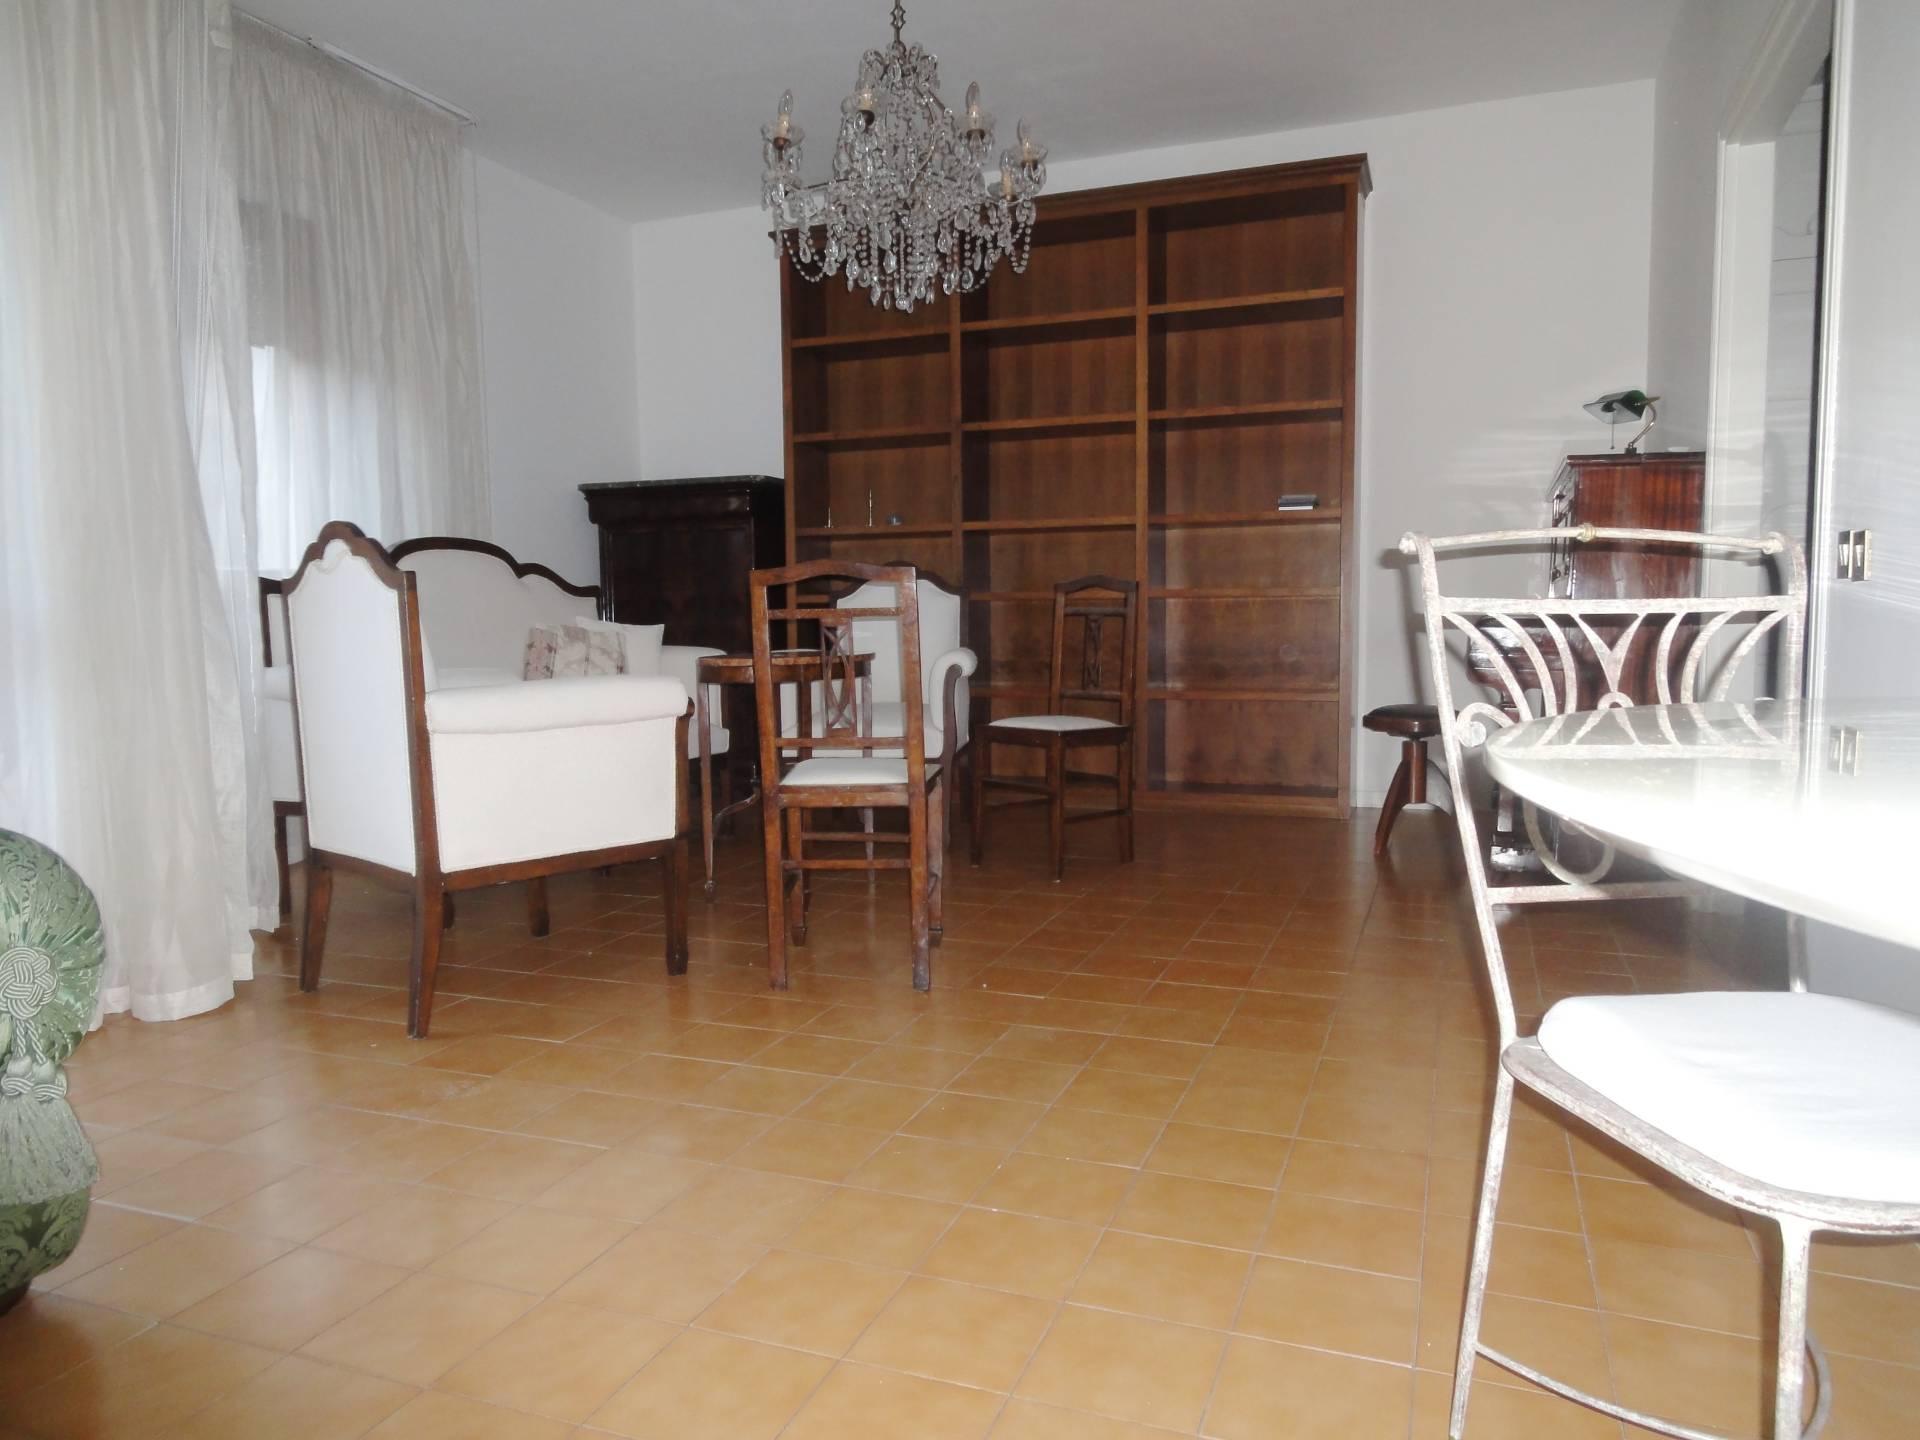 Appartamento in affitto a Pontedera, 4 locali, zona Località: Centro, prezzo € 600 | CambioCasa.it